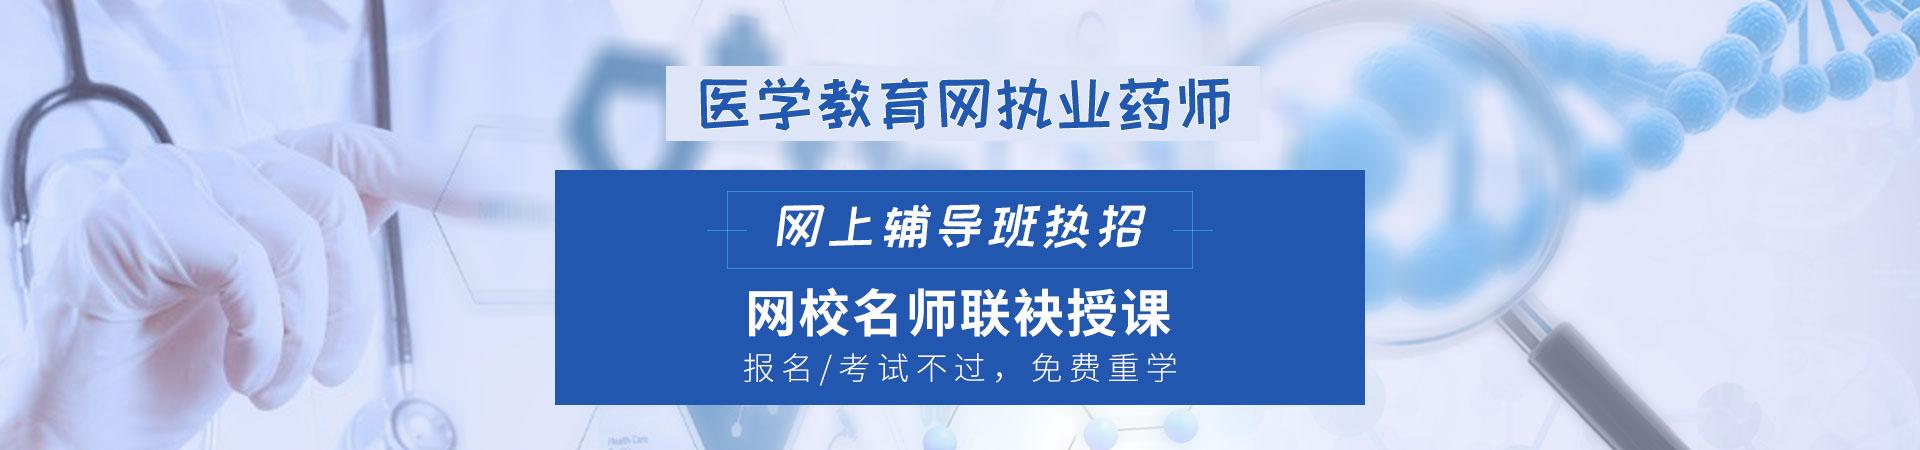 唐山执业中药师培训